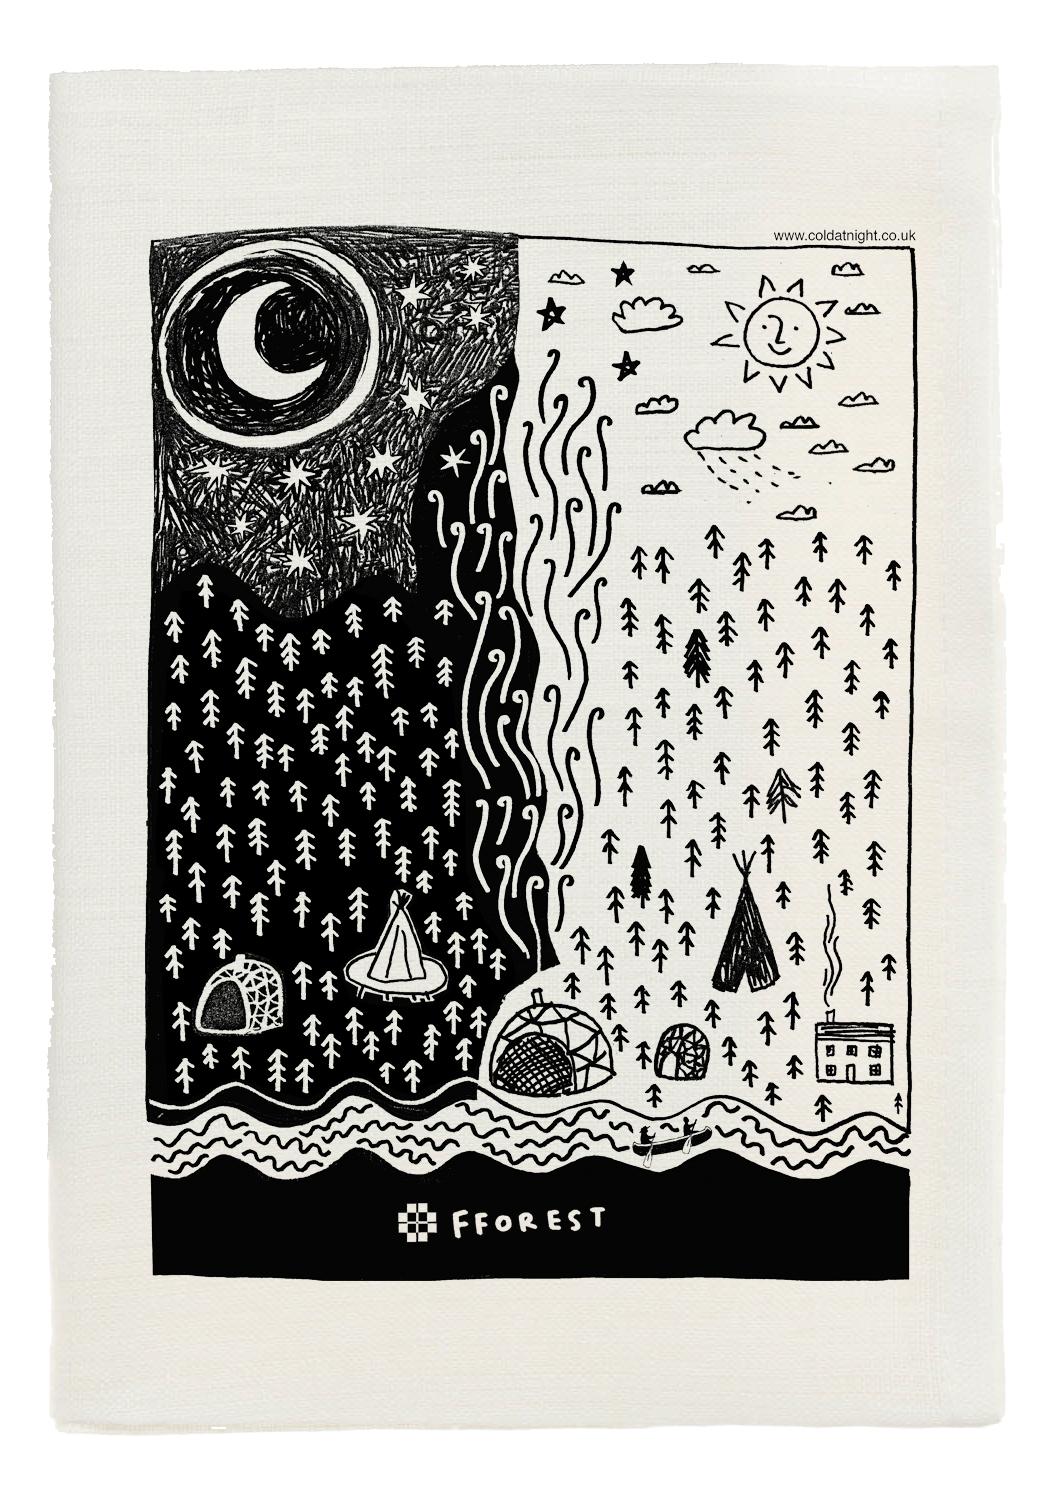 t-towel - £12